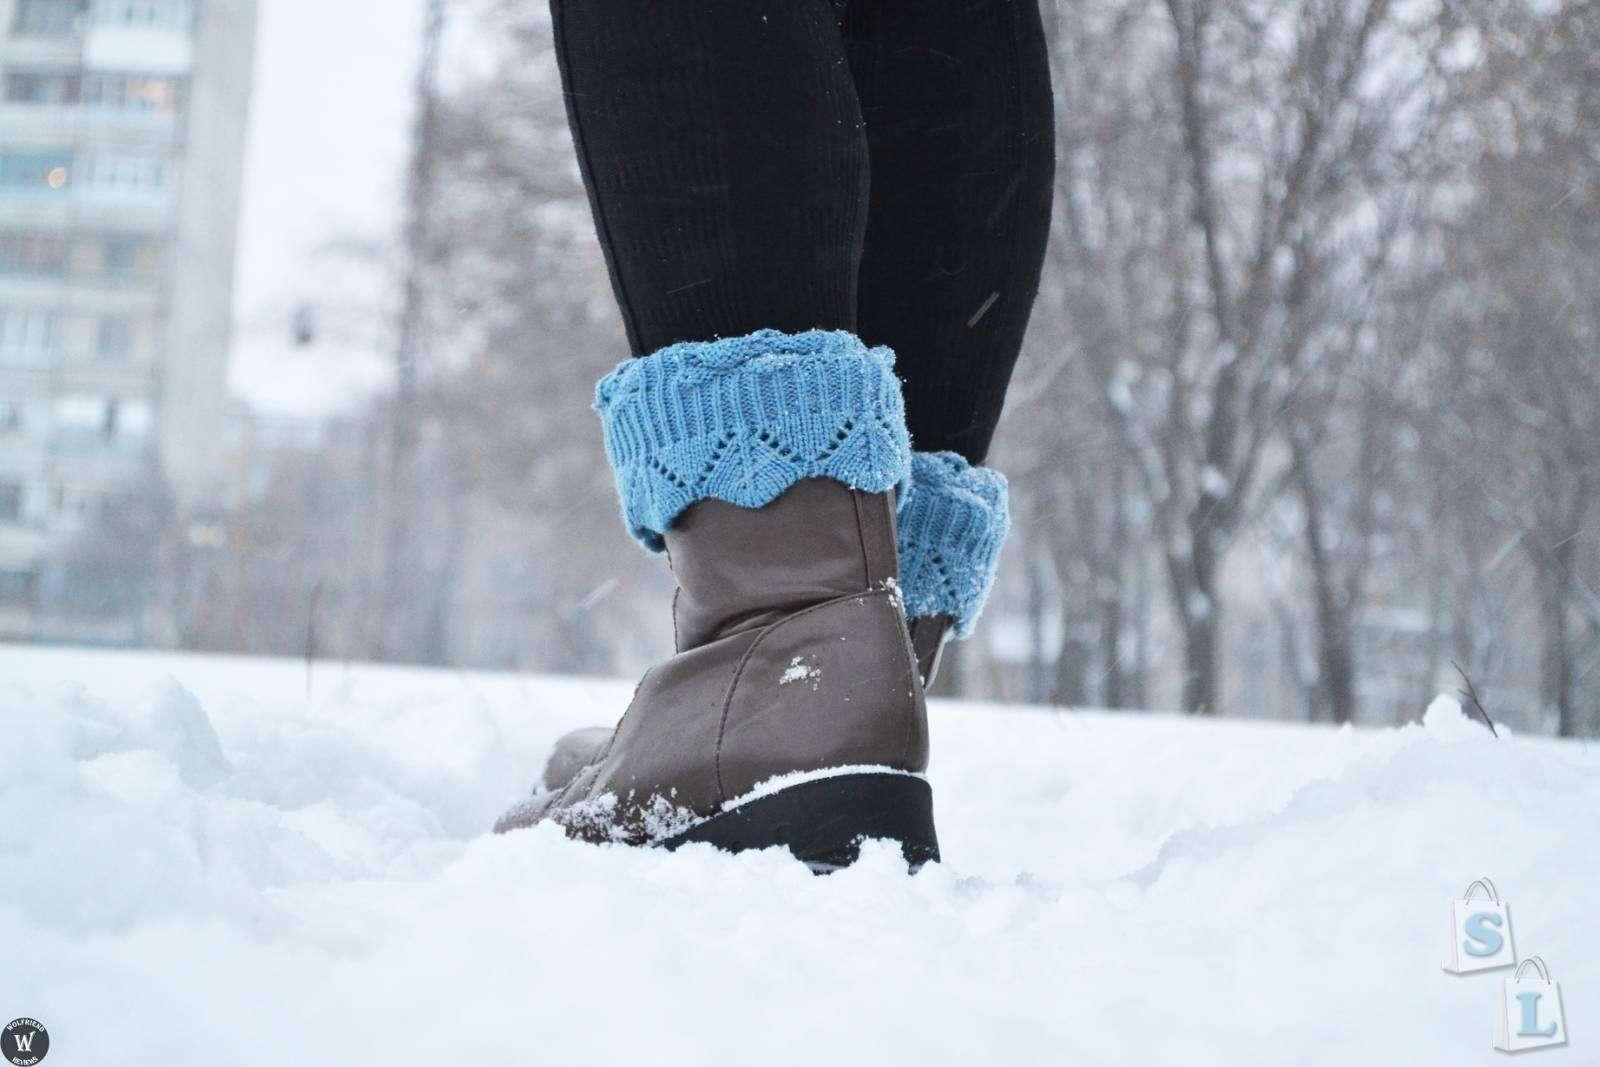 ChinaBuye: Манжеты на ножки под короткие сапожки (две разные пары: коричневые и голубые)